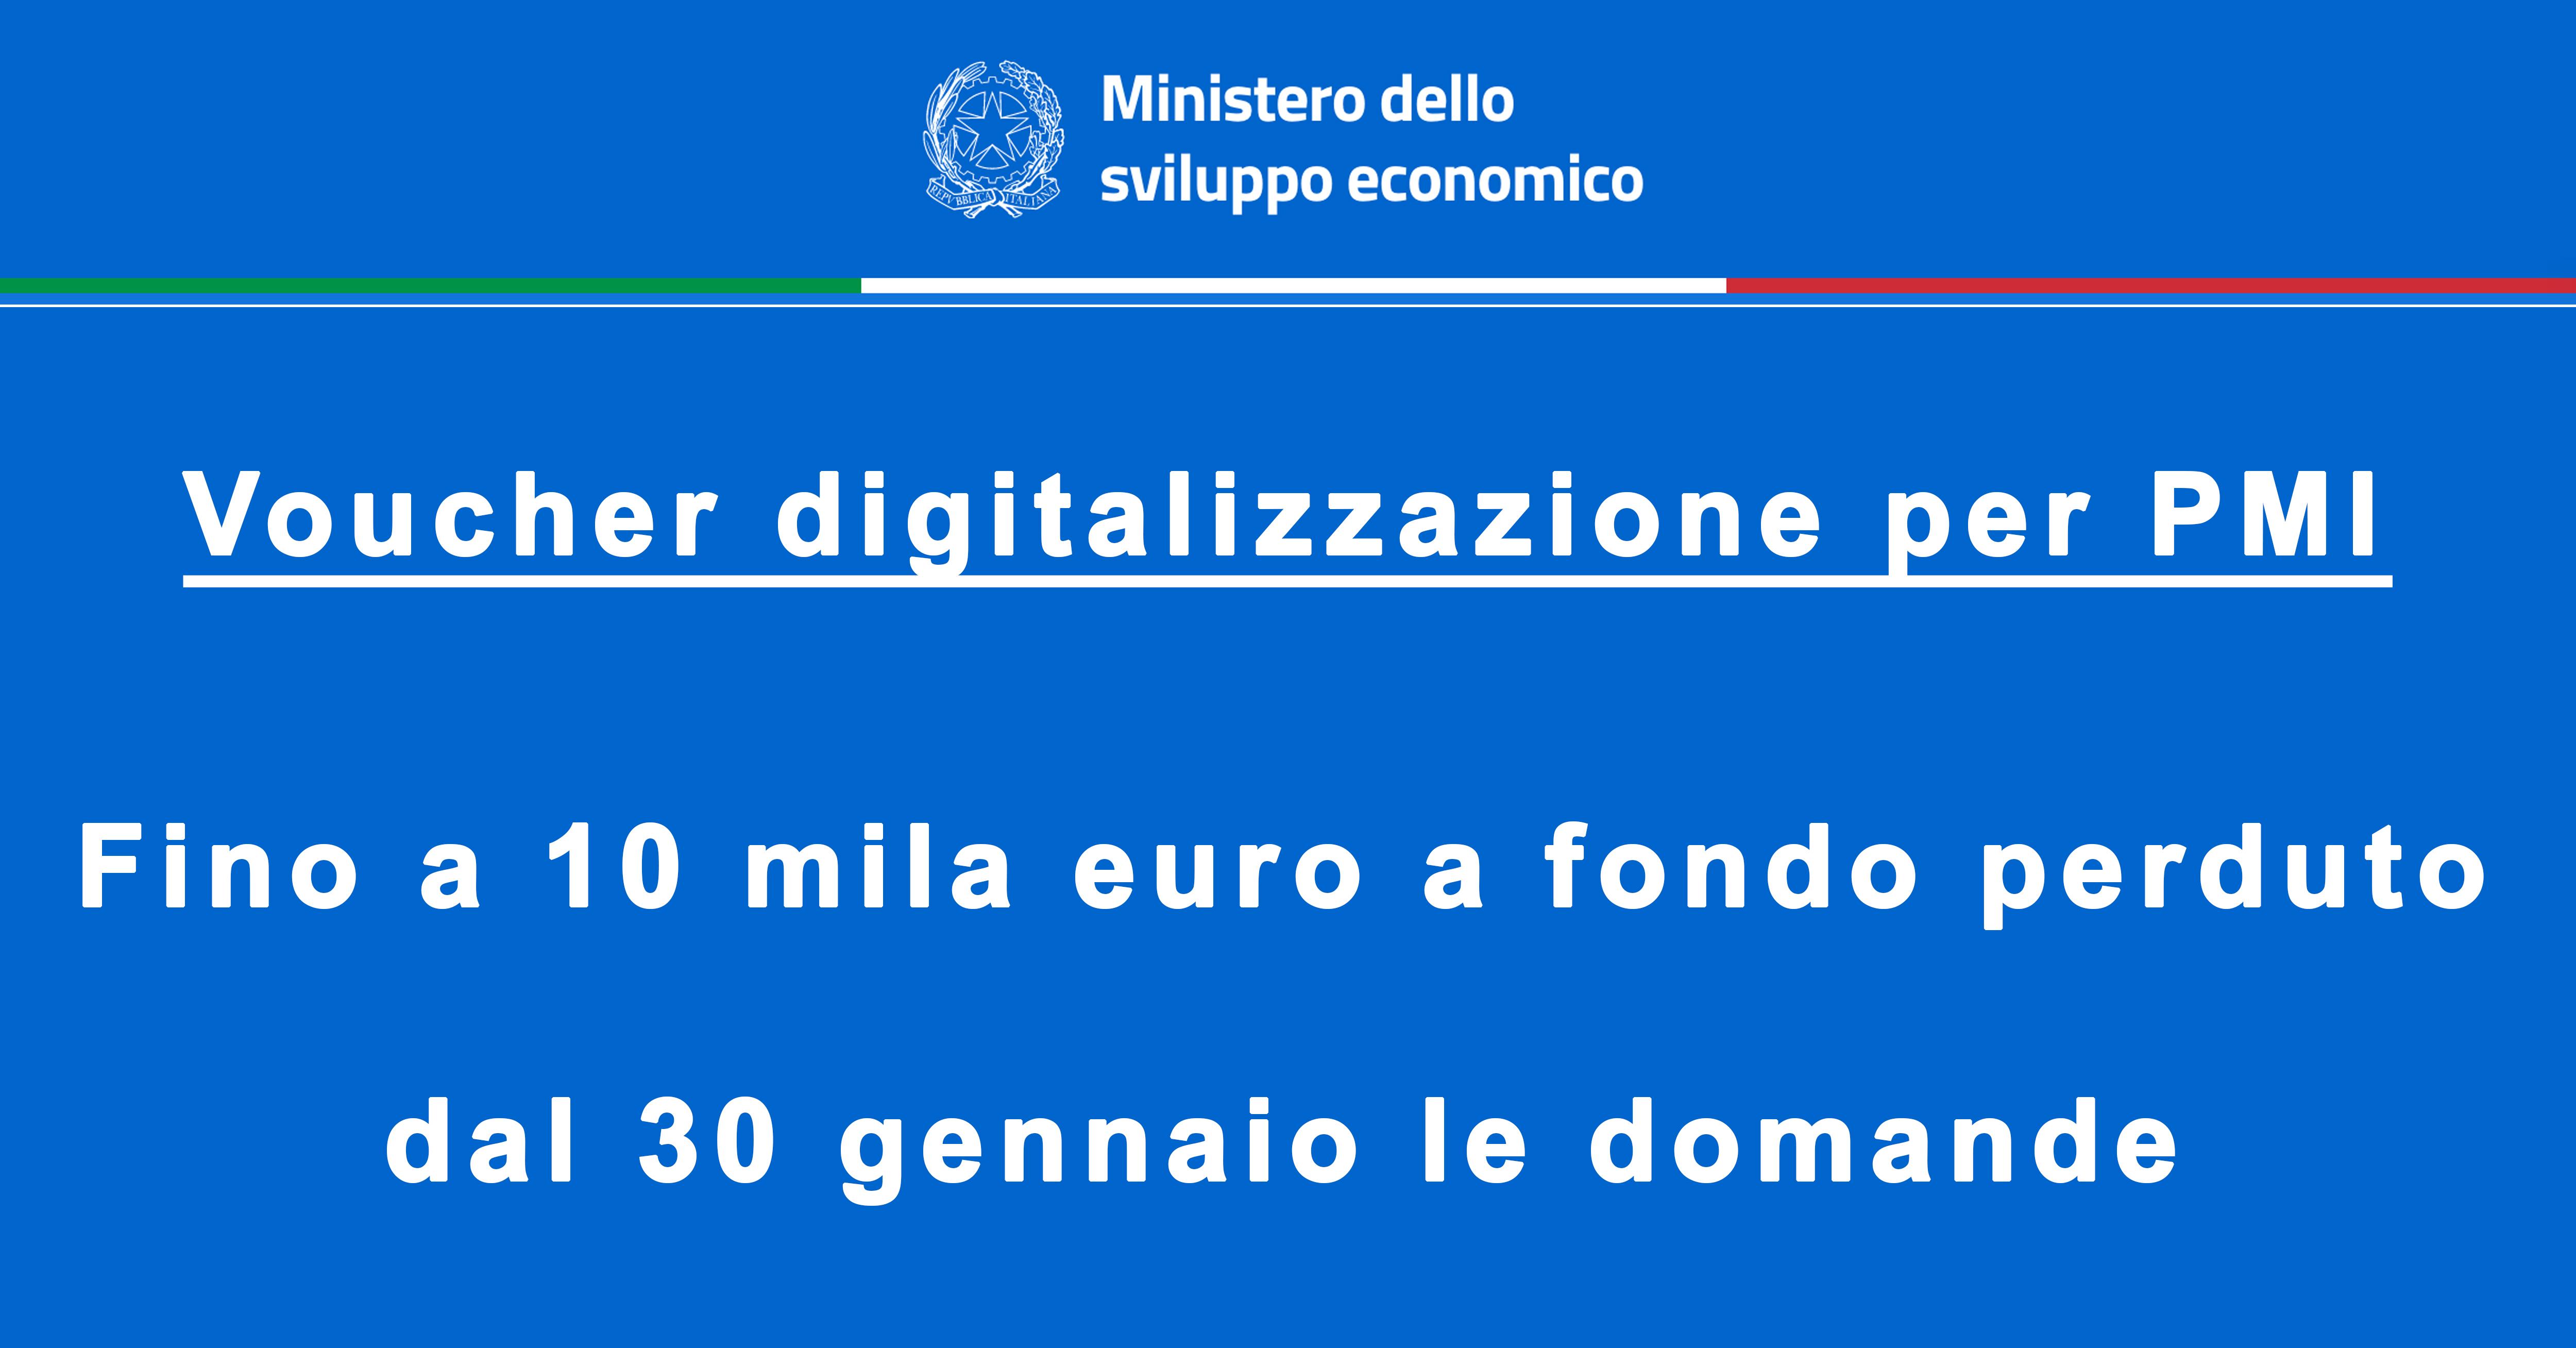 Voucher digitalizzazione per PMI<br /> Fino a 10 mila euro a fondo perduto dal 30 gennaio le domande<br /> Cos'è<br /> È una misura agevolativa per le micro, piccole e medie imprese che